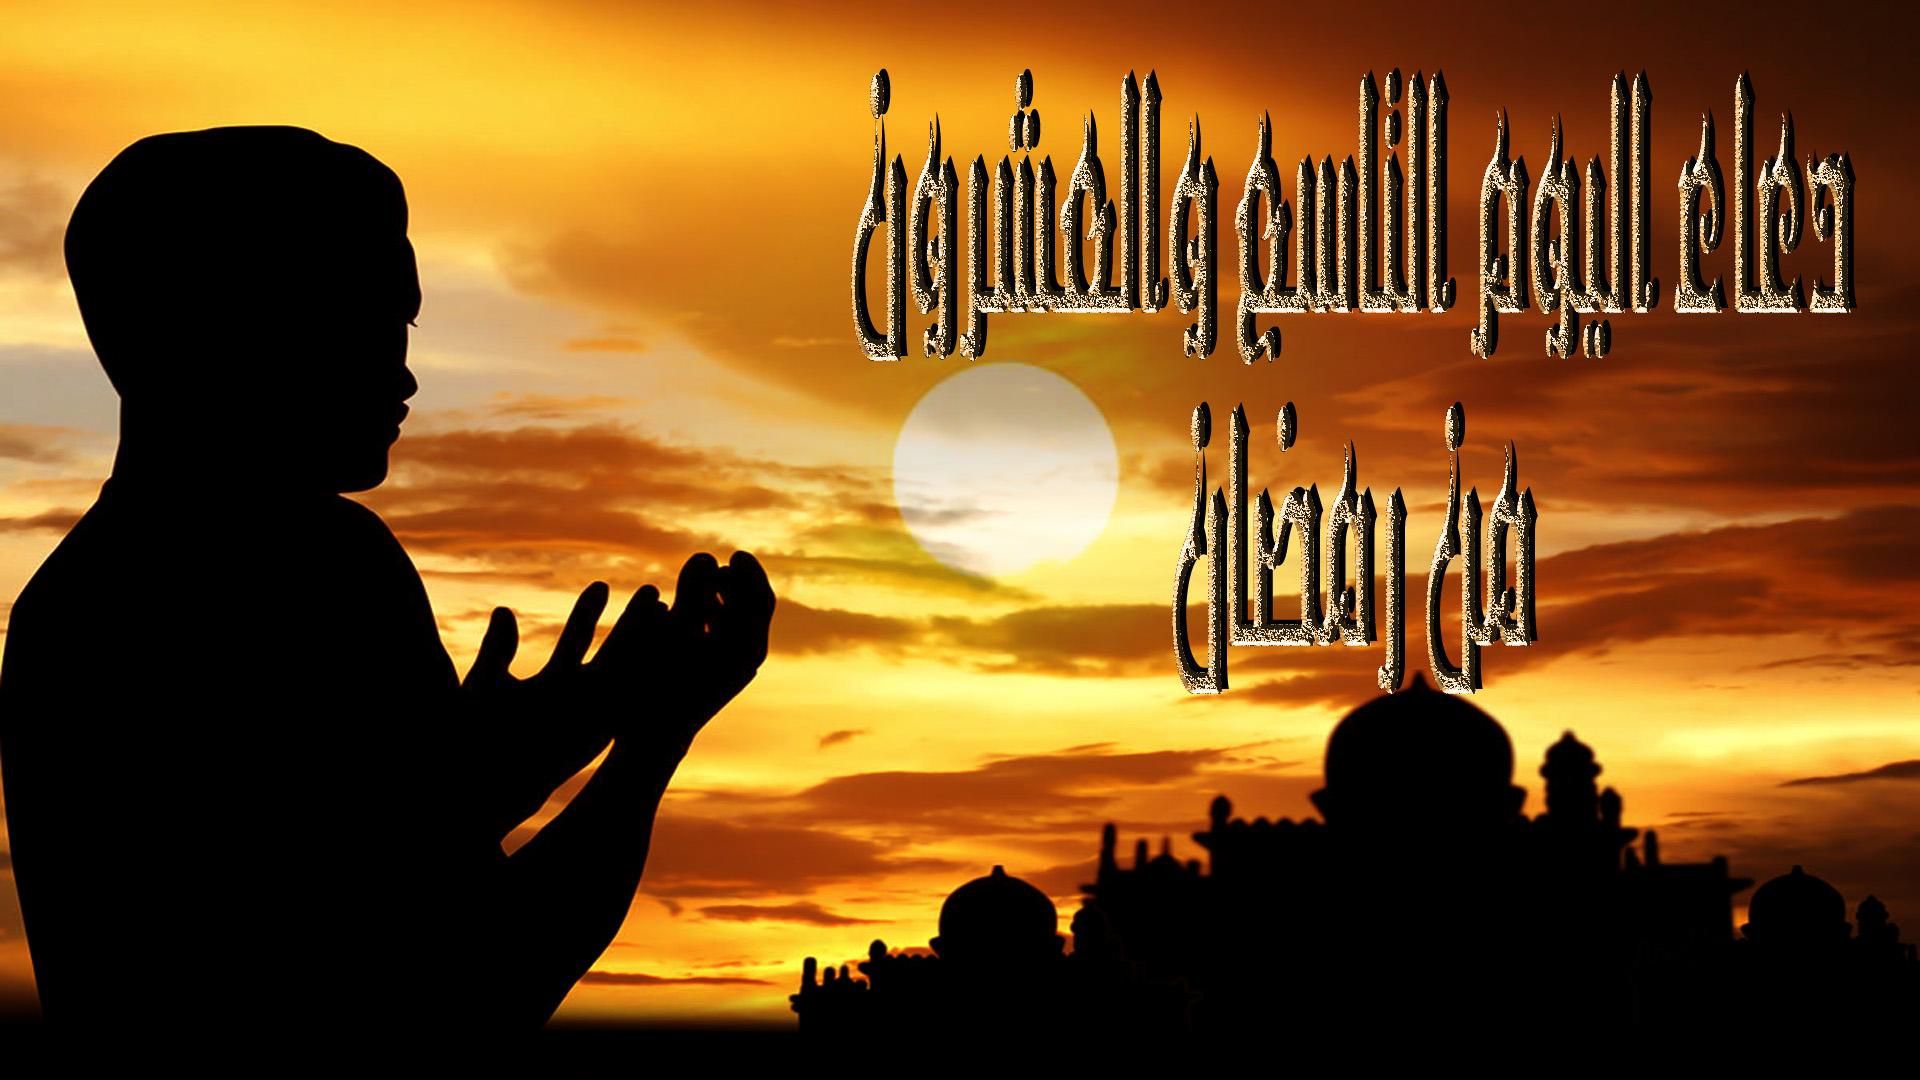 أدعية أيام شهر رمضان ( دعاء اليوم الثامن والعشرون )